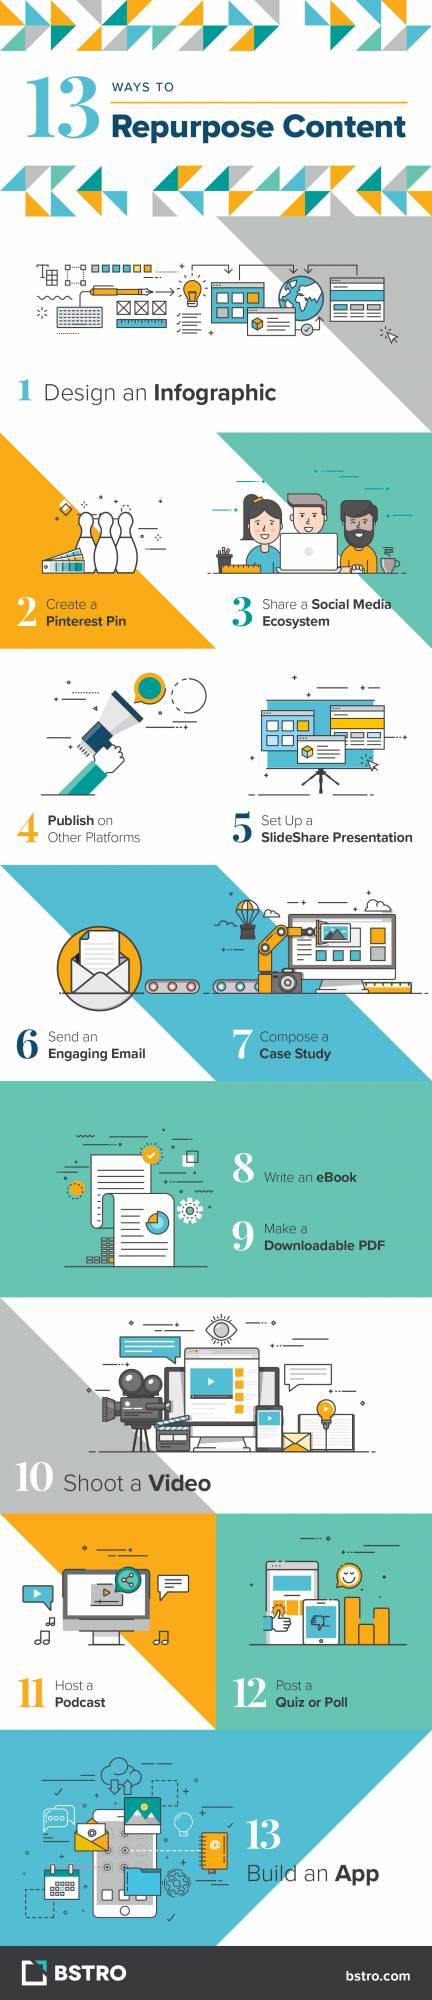 bstro-repurpose-content-infographic